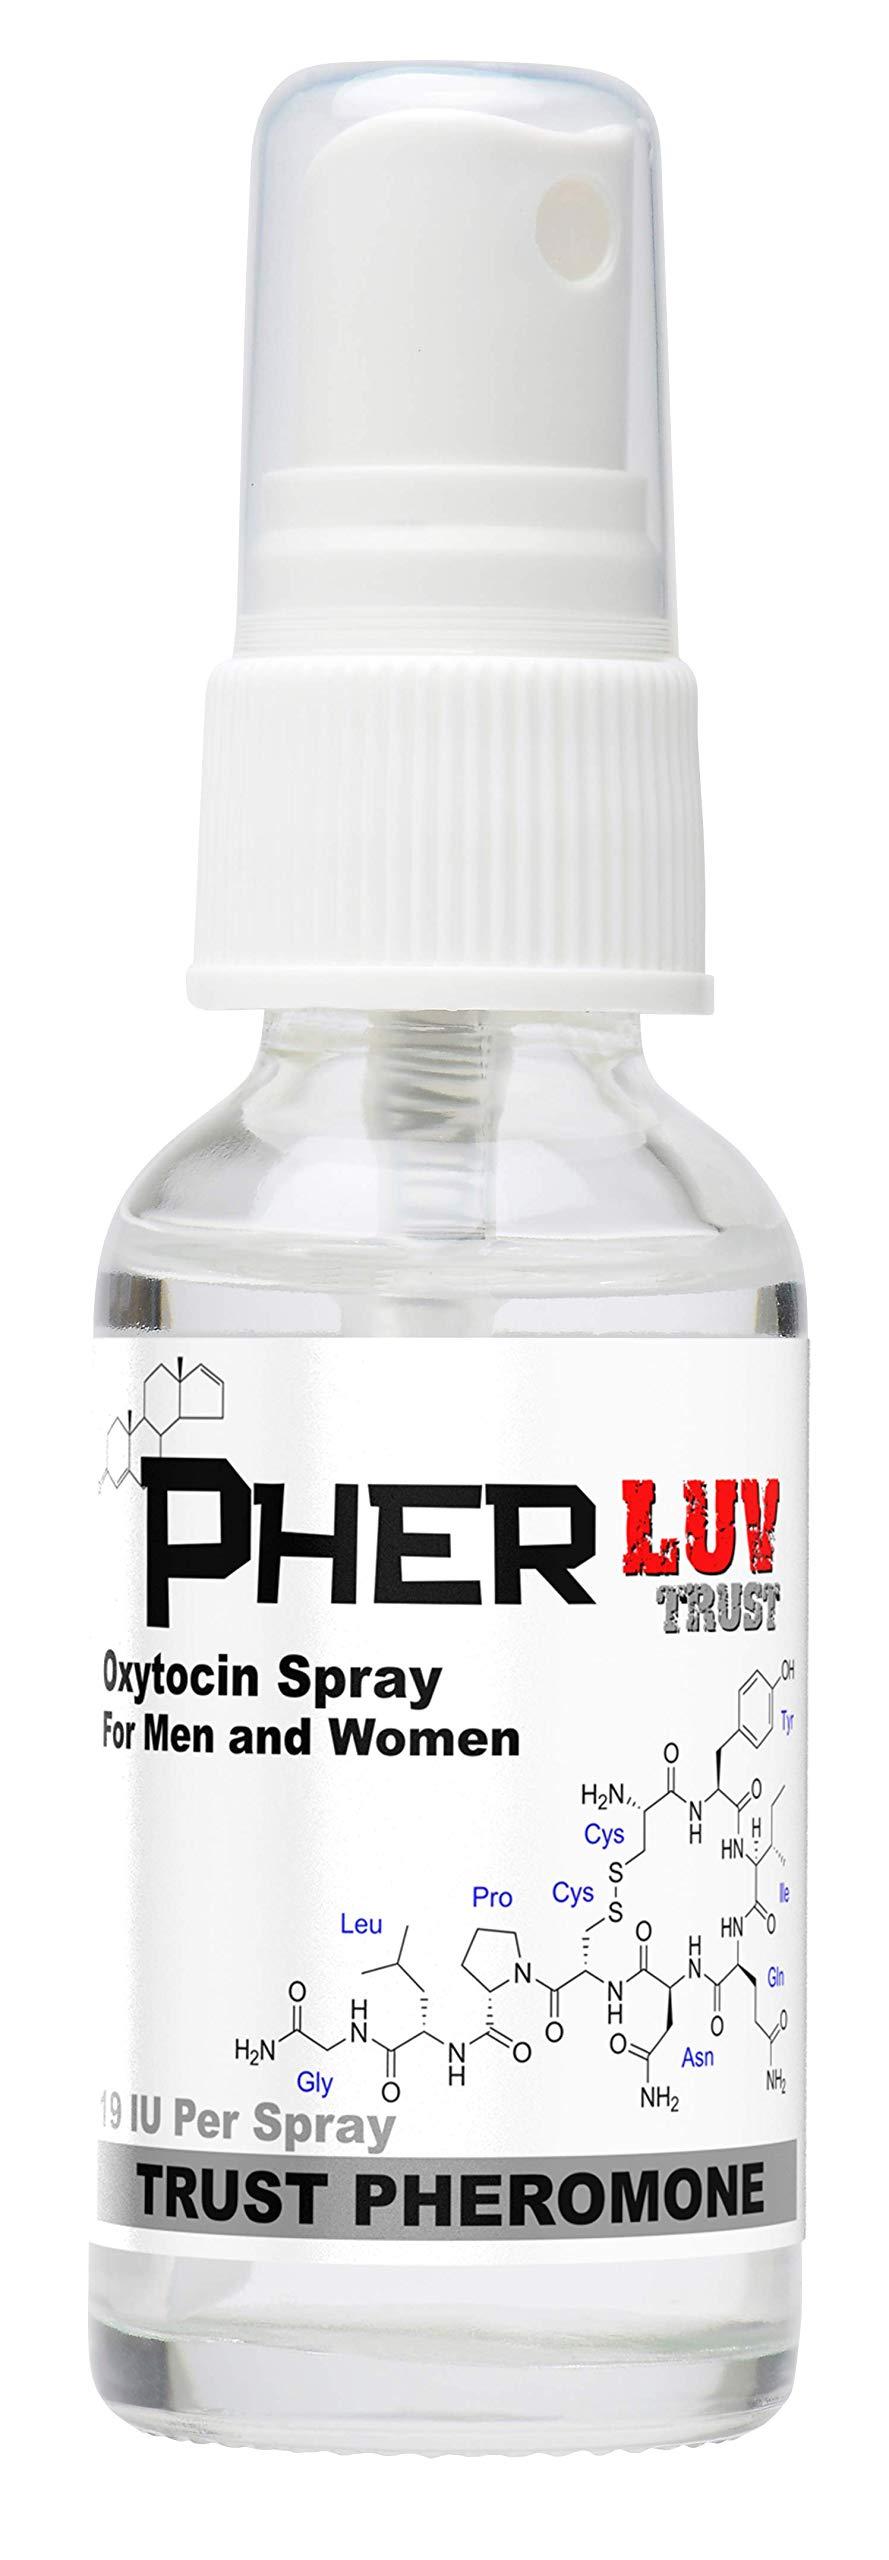 PherLuv Oxytocin Pheromone Spray for Men and Women Attractant